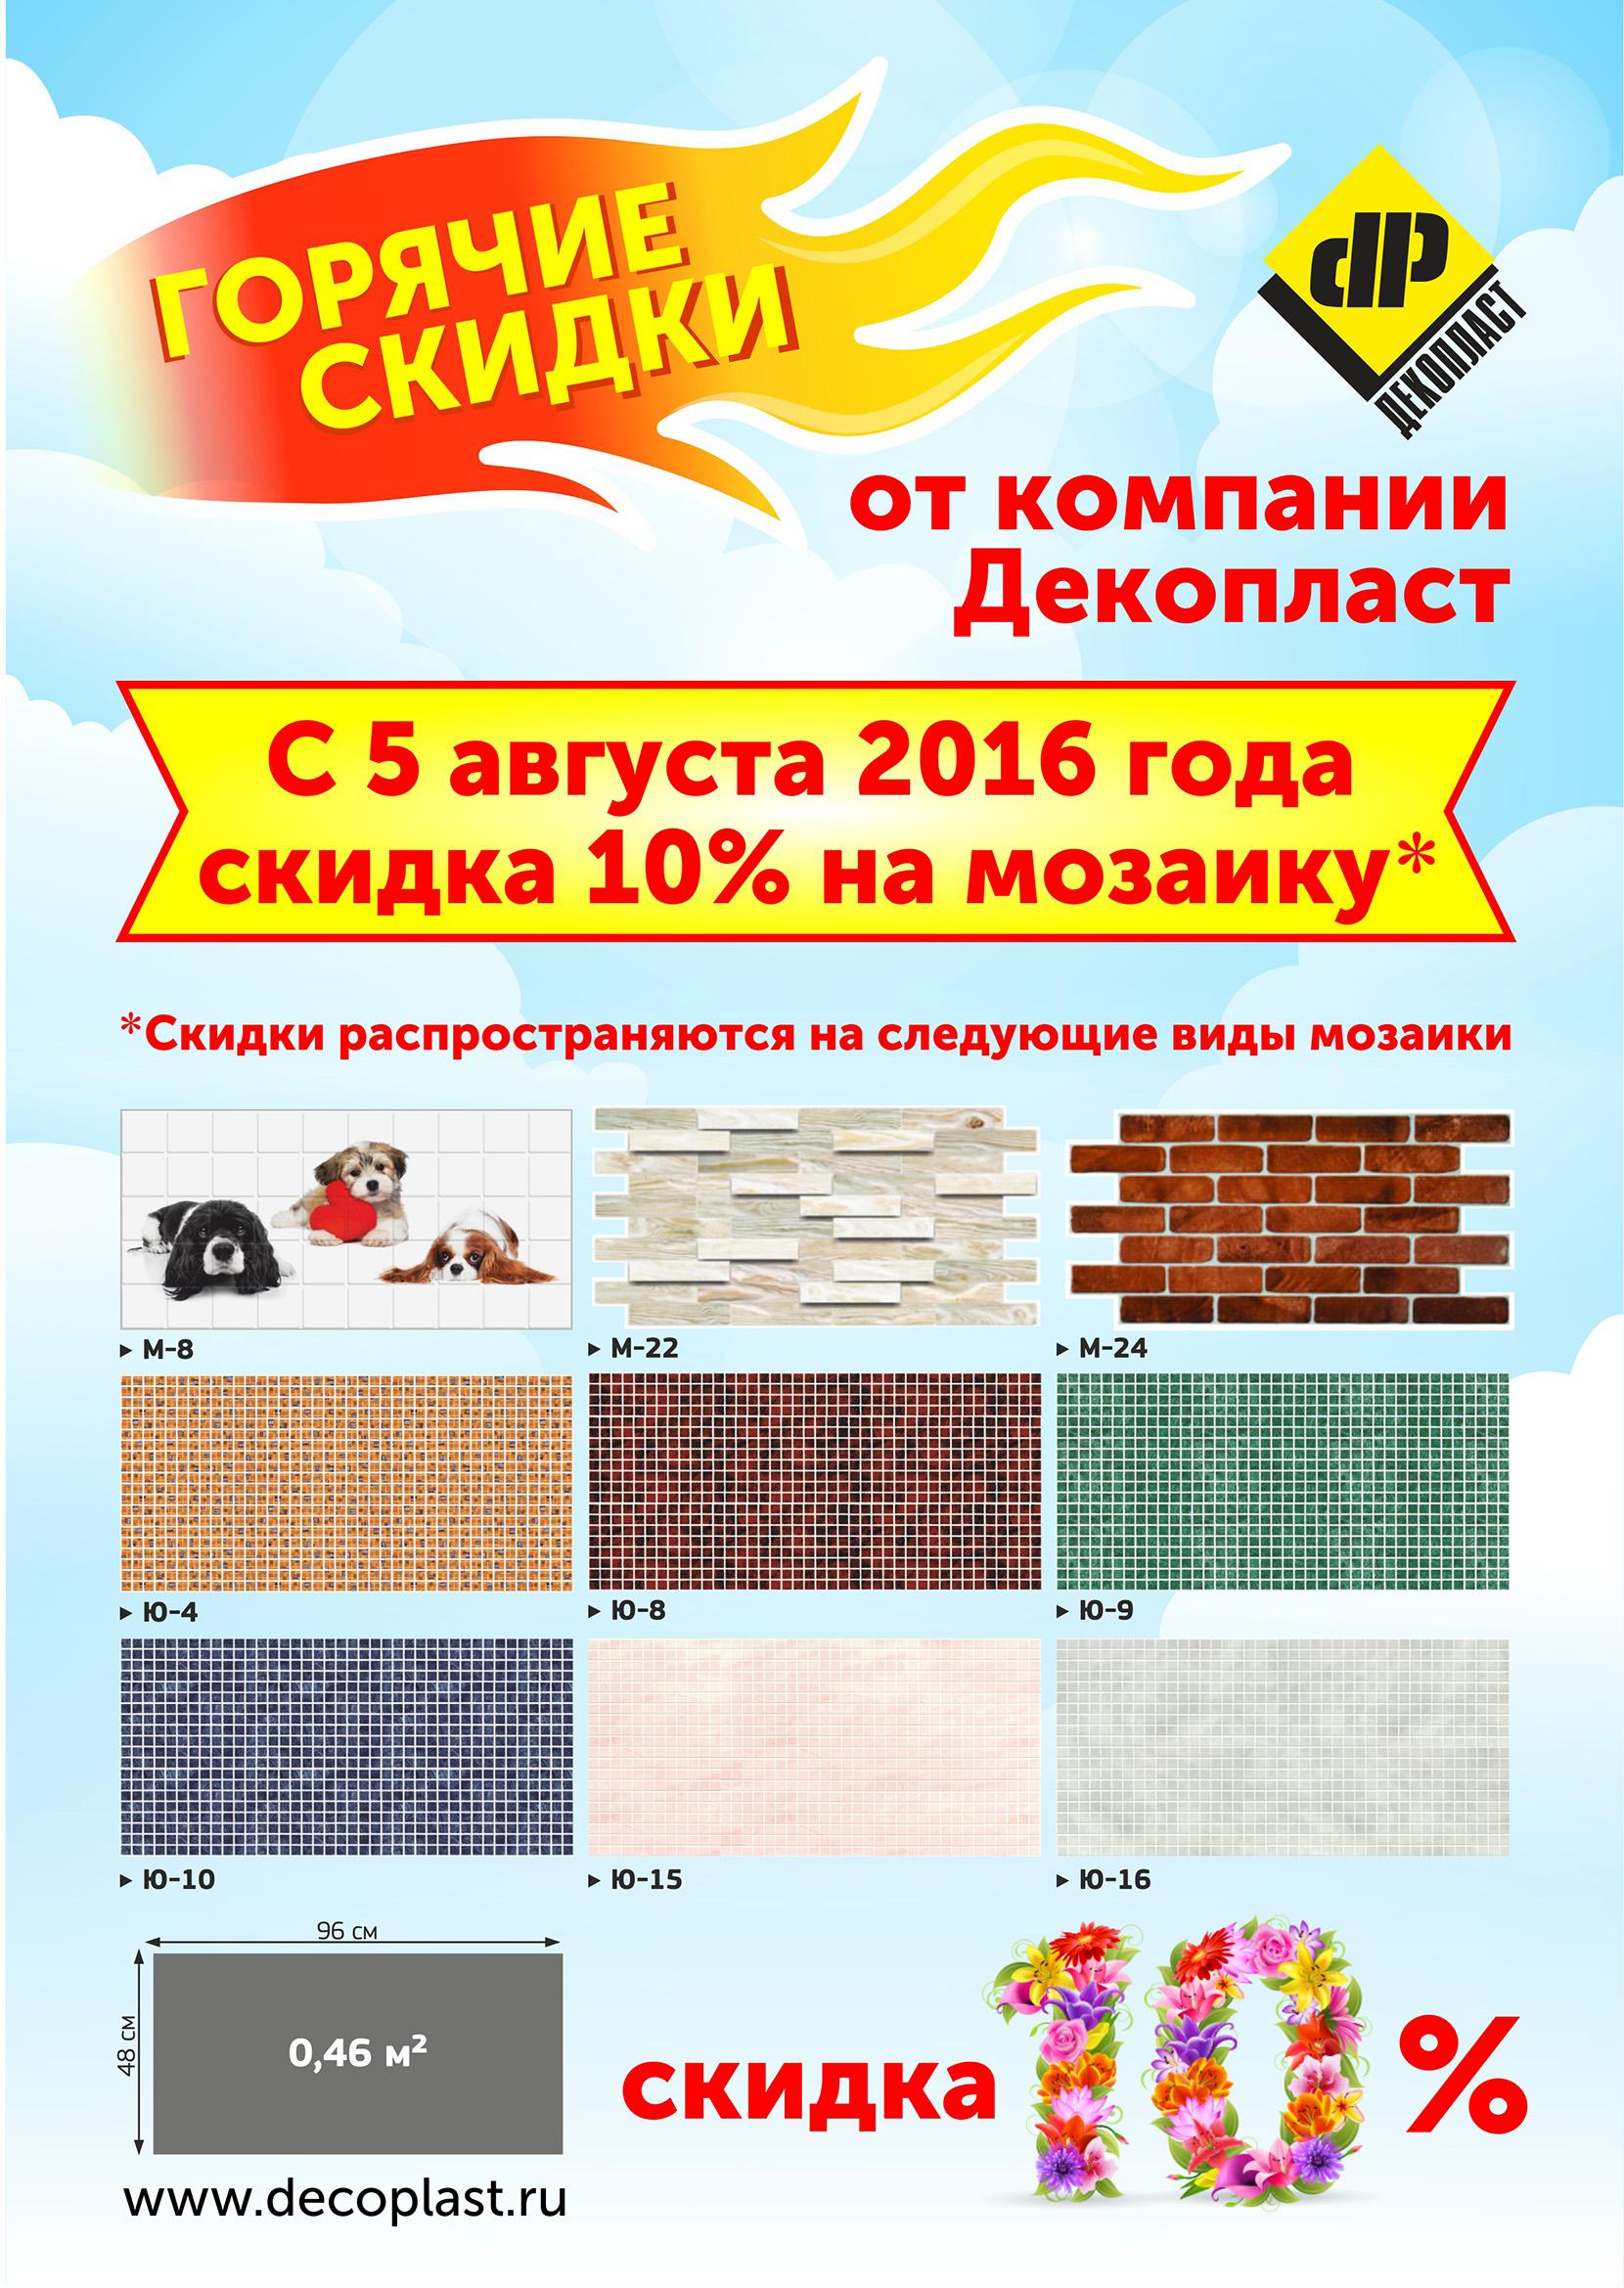 мозаика_скидка 10%